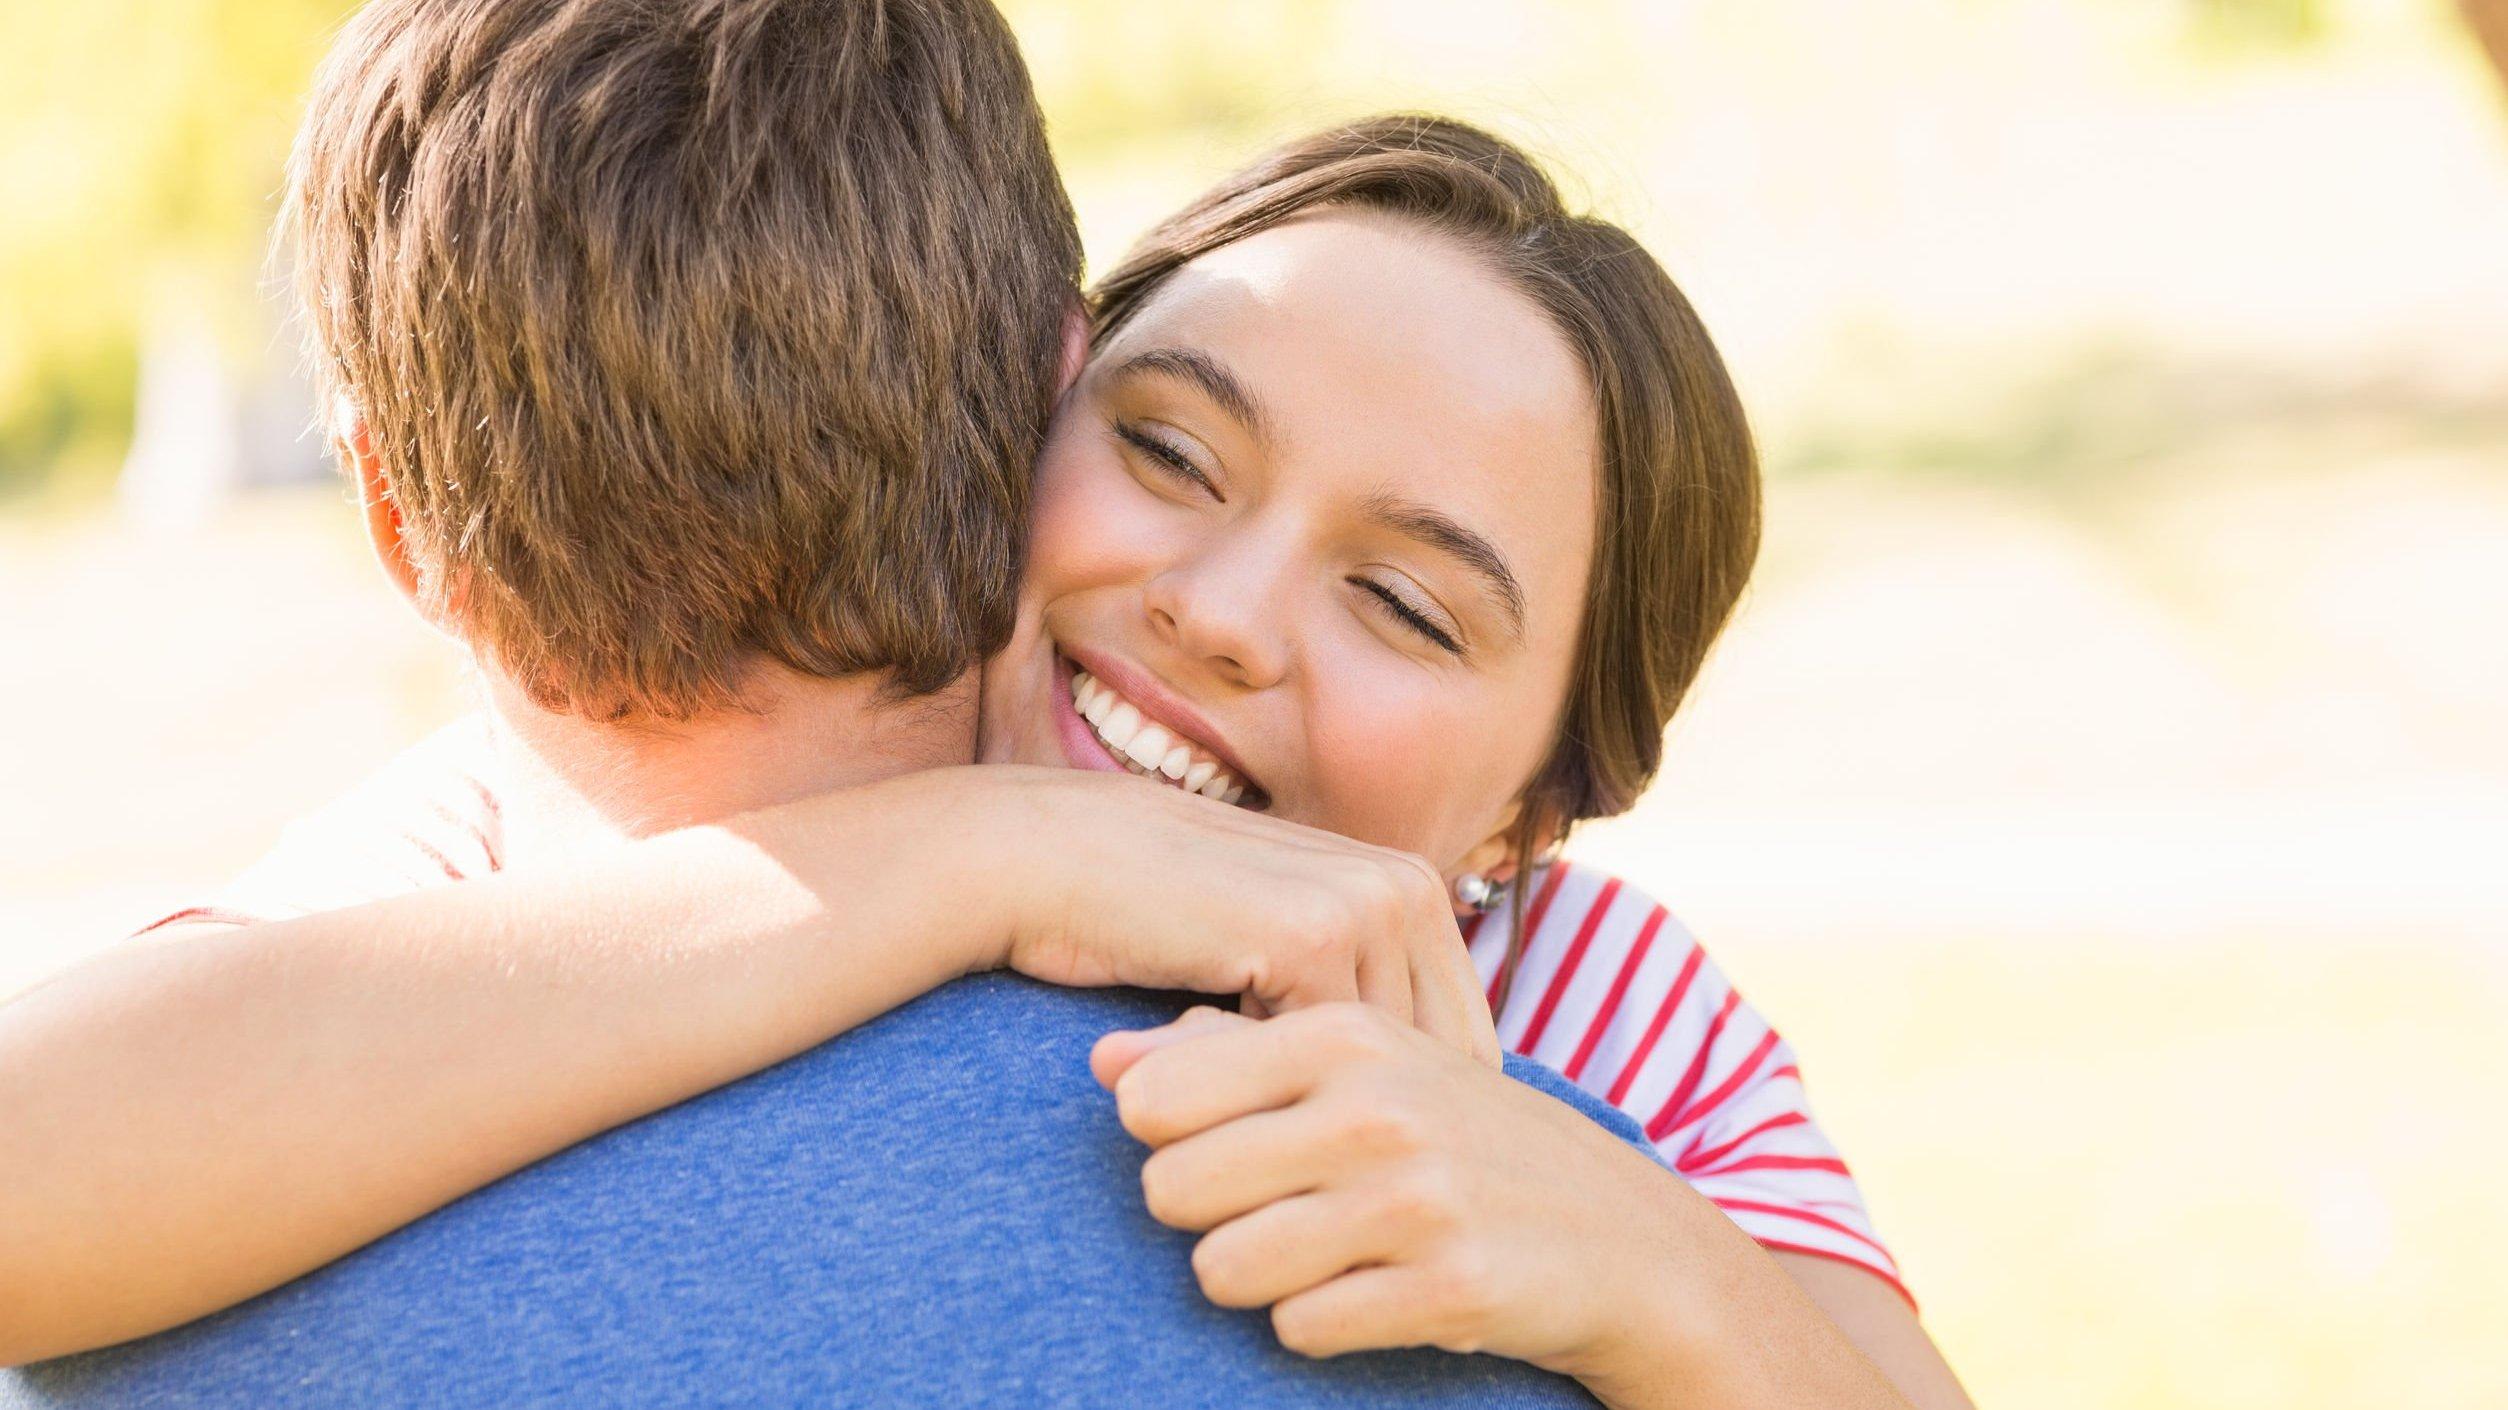 Mulher abraçando homem.